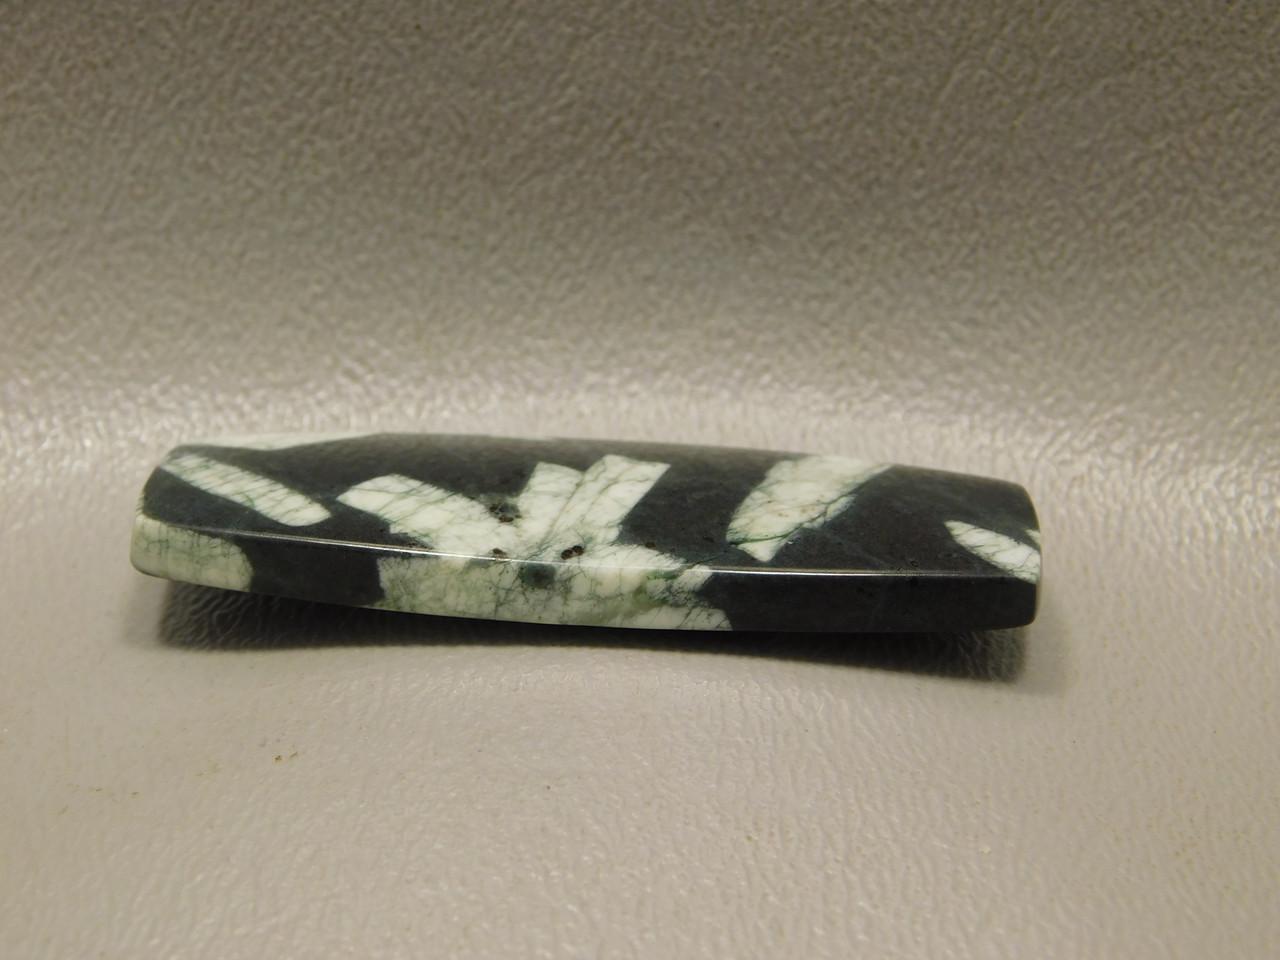 Chinese Writing Rock Cabochon Bowed Rectangle Shape Gemstone #13